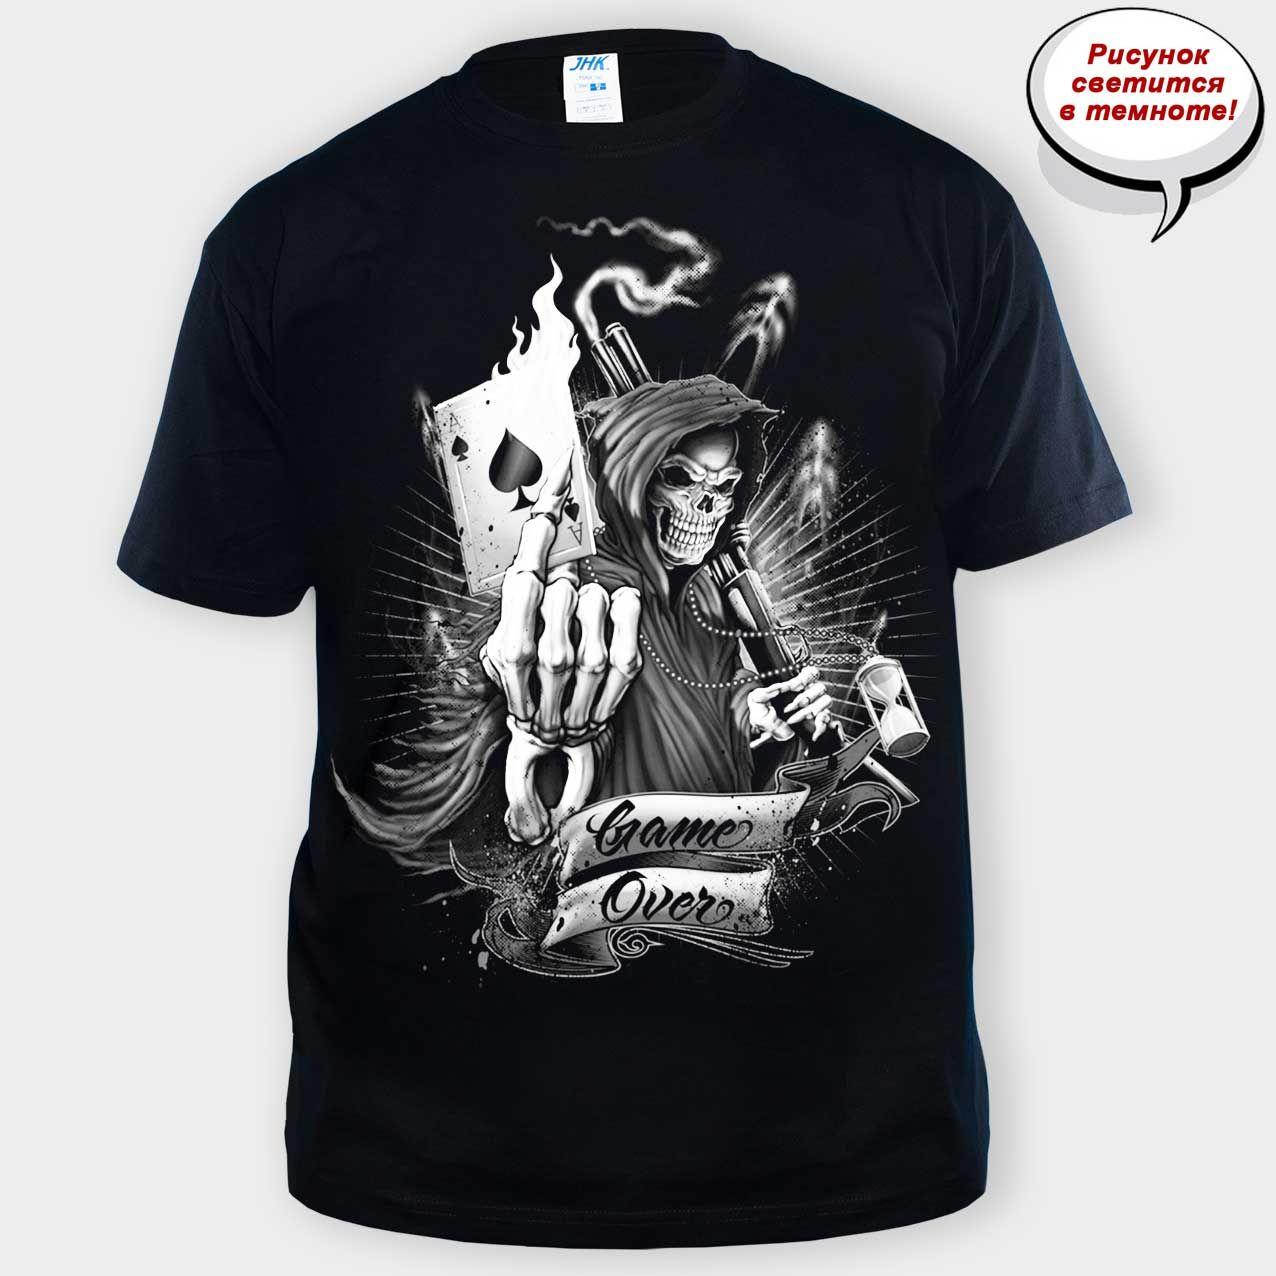 f3669647f173e Мужская футболка с черепом Game Over. Размеры: S, L ,M, L, XL, 2XL. Футболки.  Мужские футболки. Футболки с принтом. Футболки с черепами